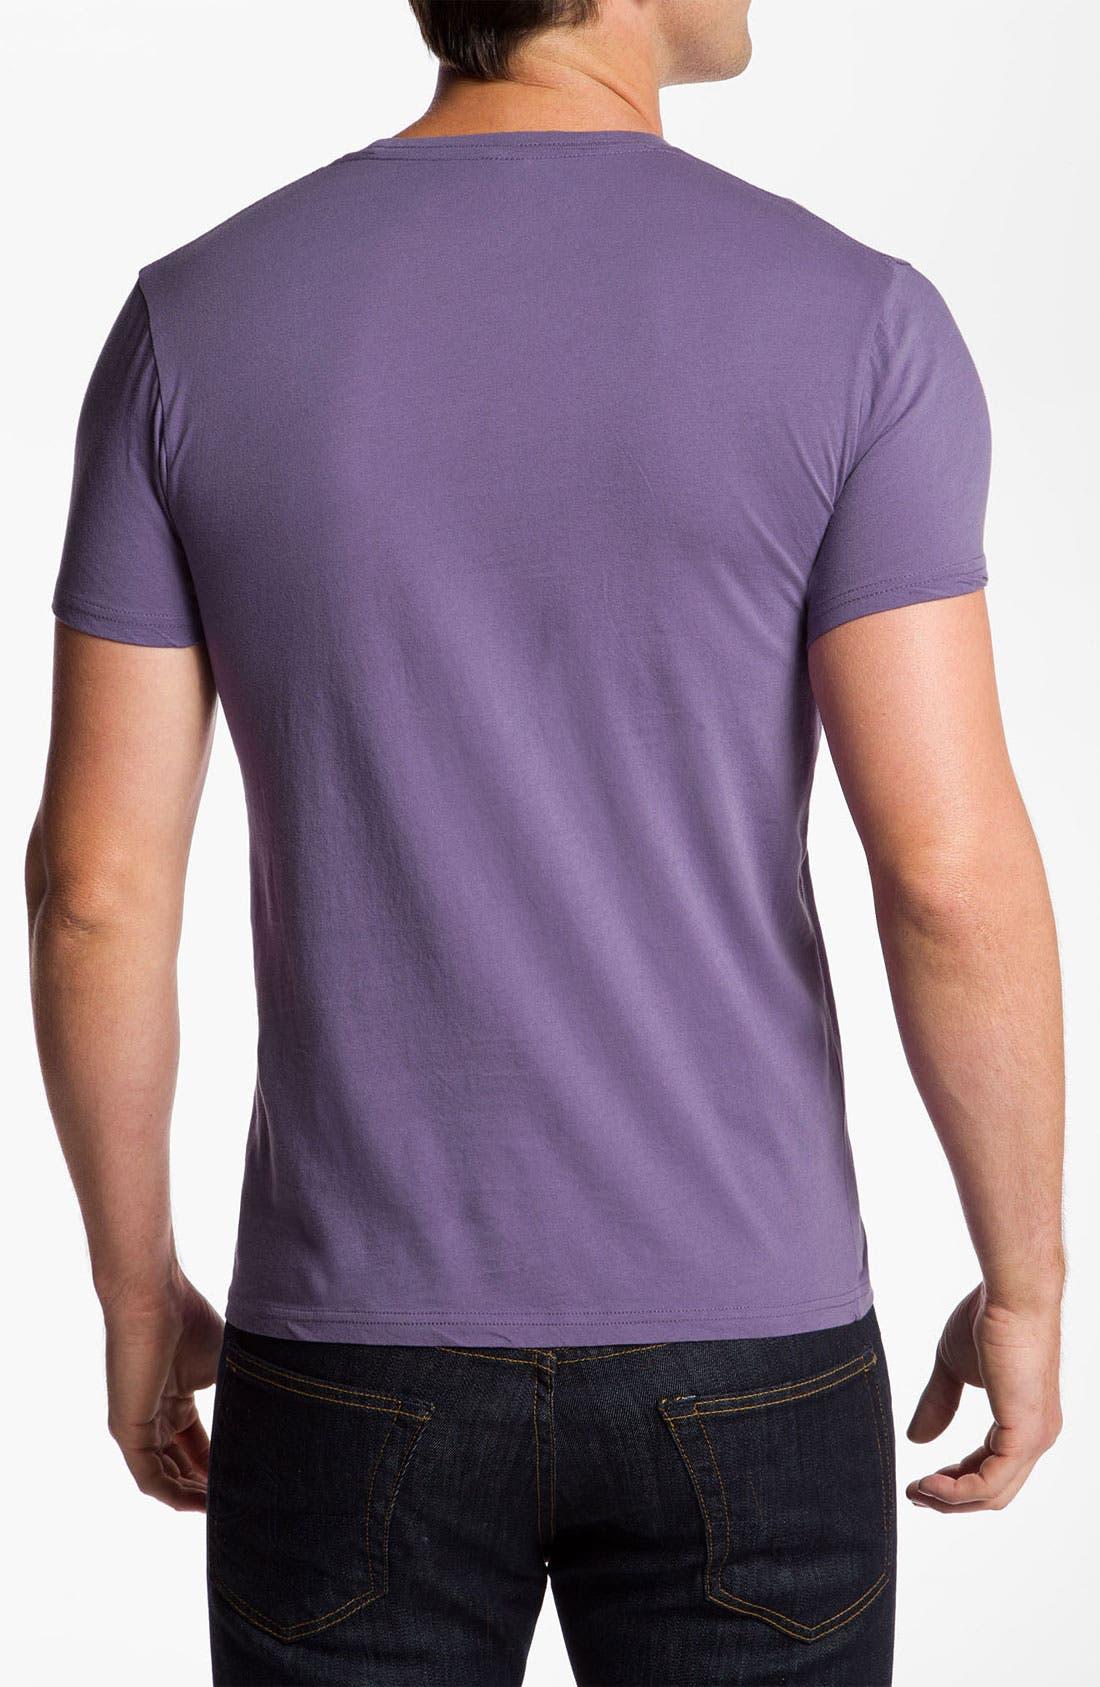 Alternate Image 2  - The Original Retro Brand 'TCU Horned Frogs - Superfrog' T-Shirt